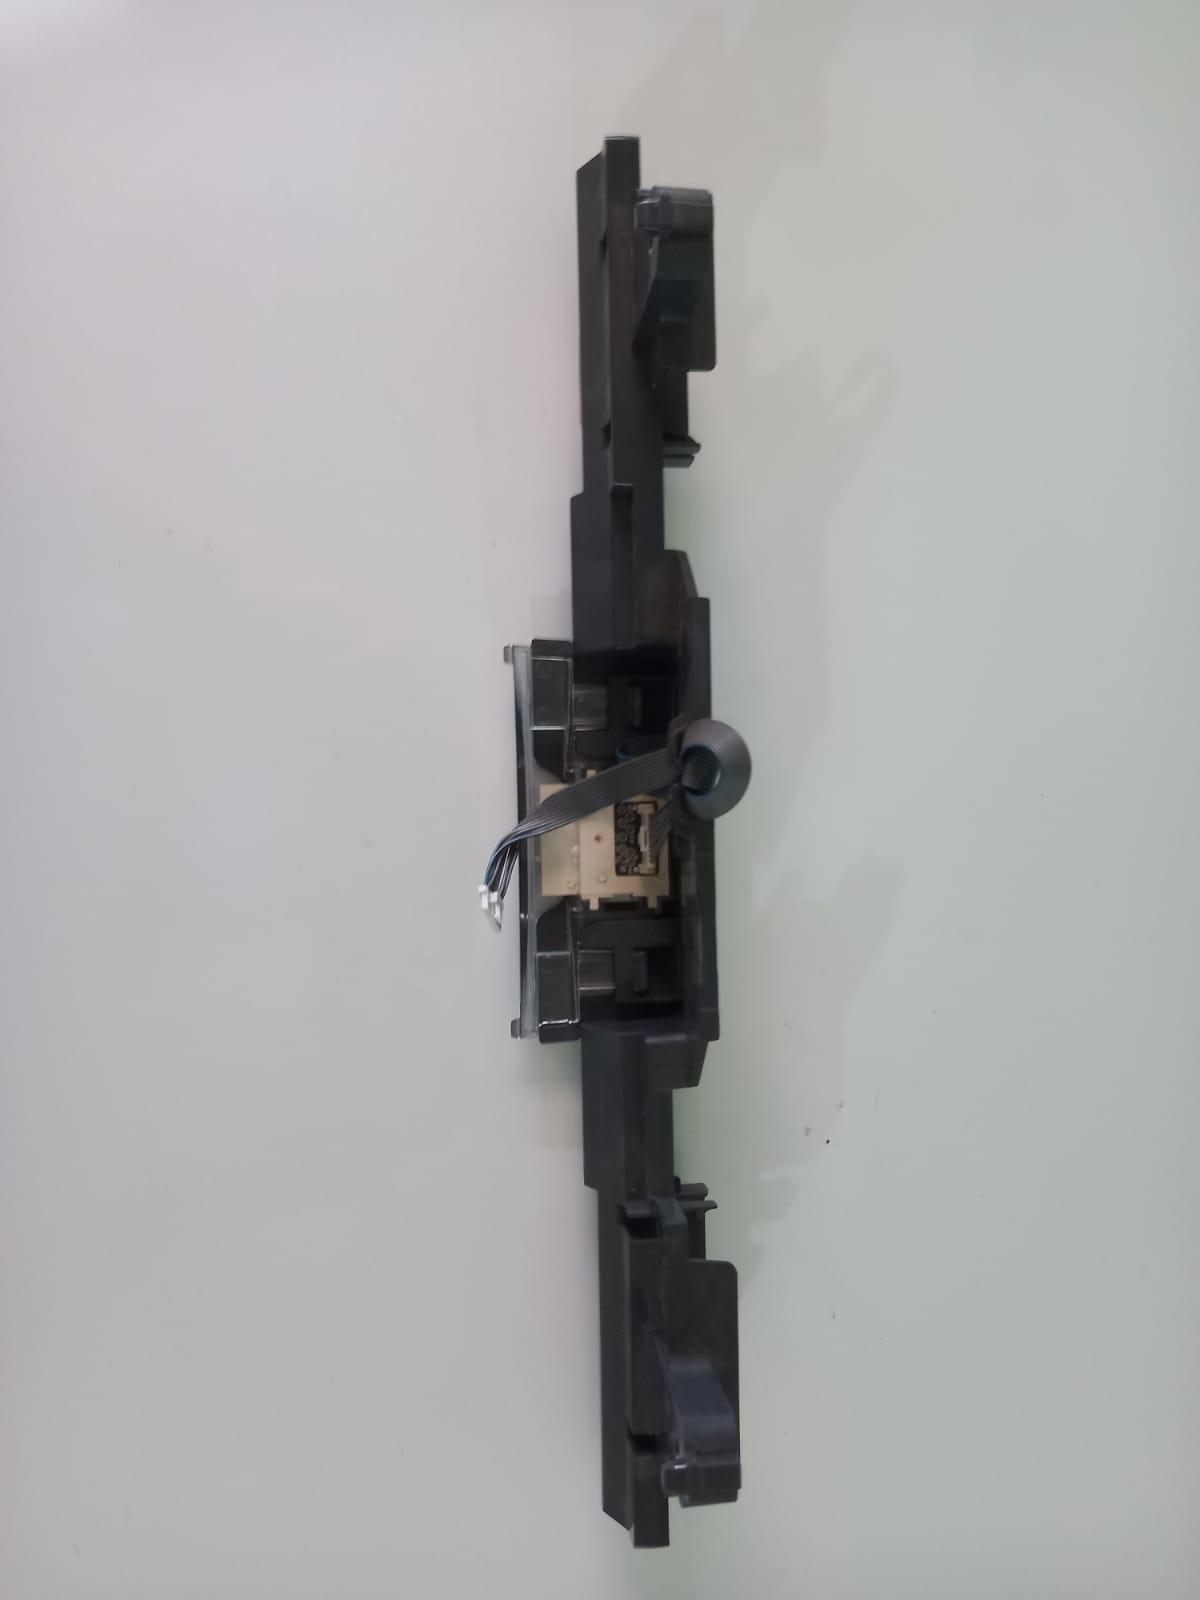 Placa Sensor Controle Remoto com acabamento p/ TV LG 42LB5600